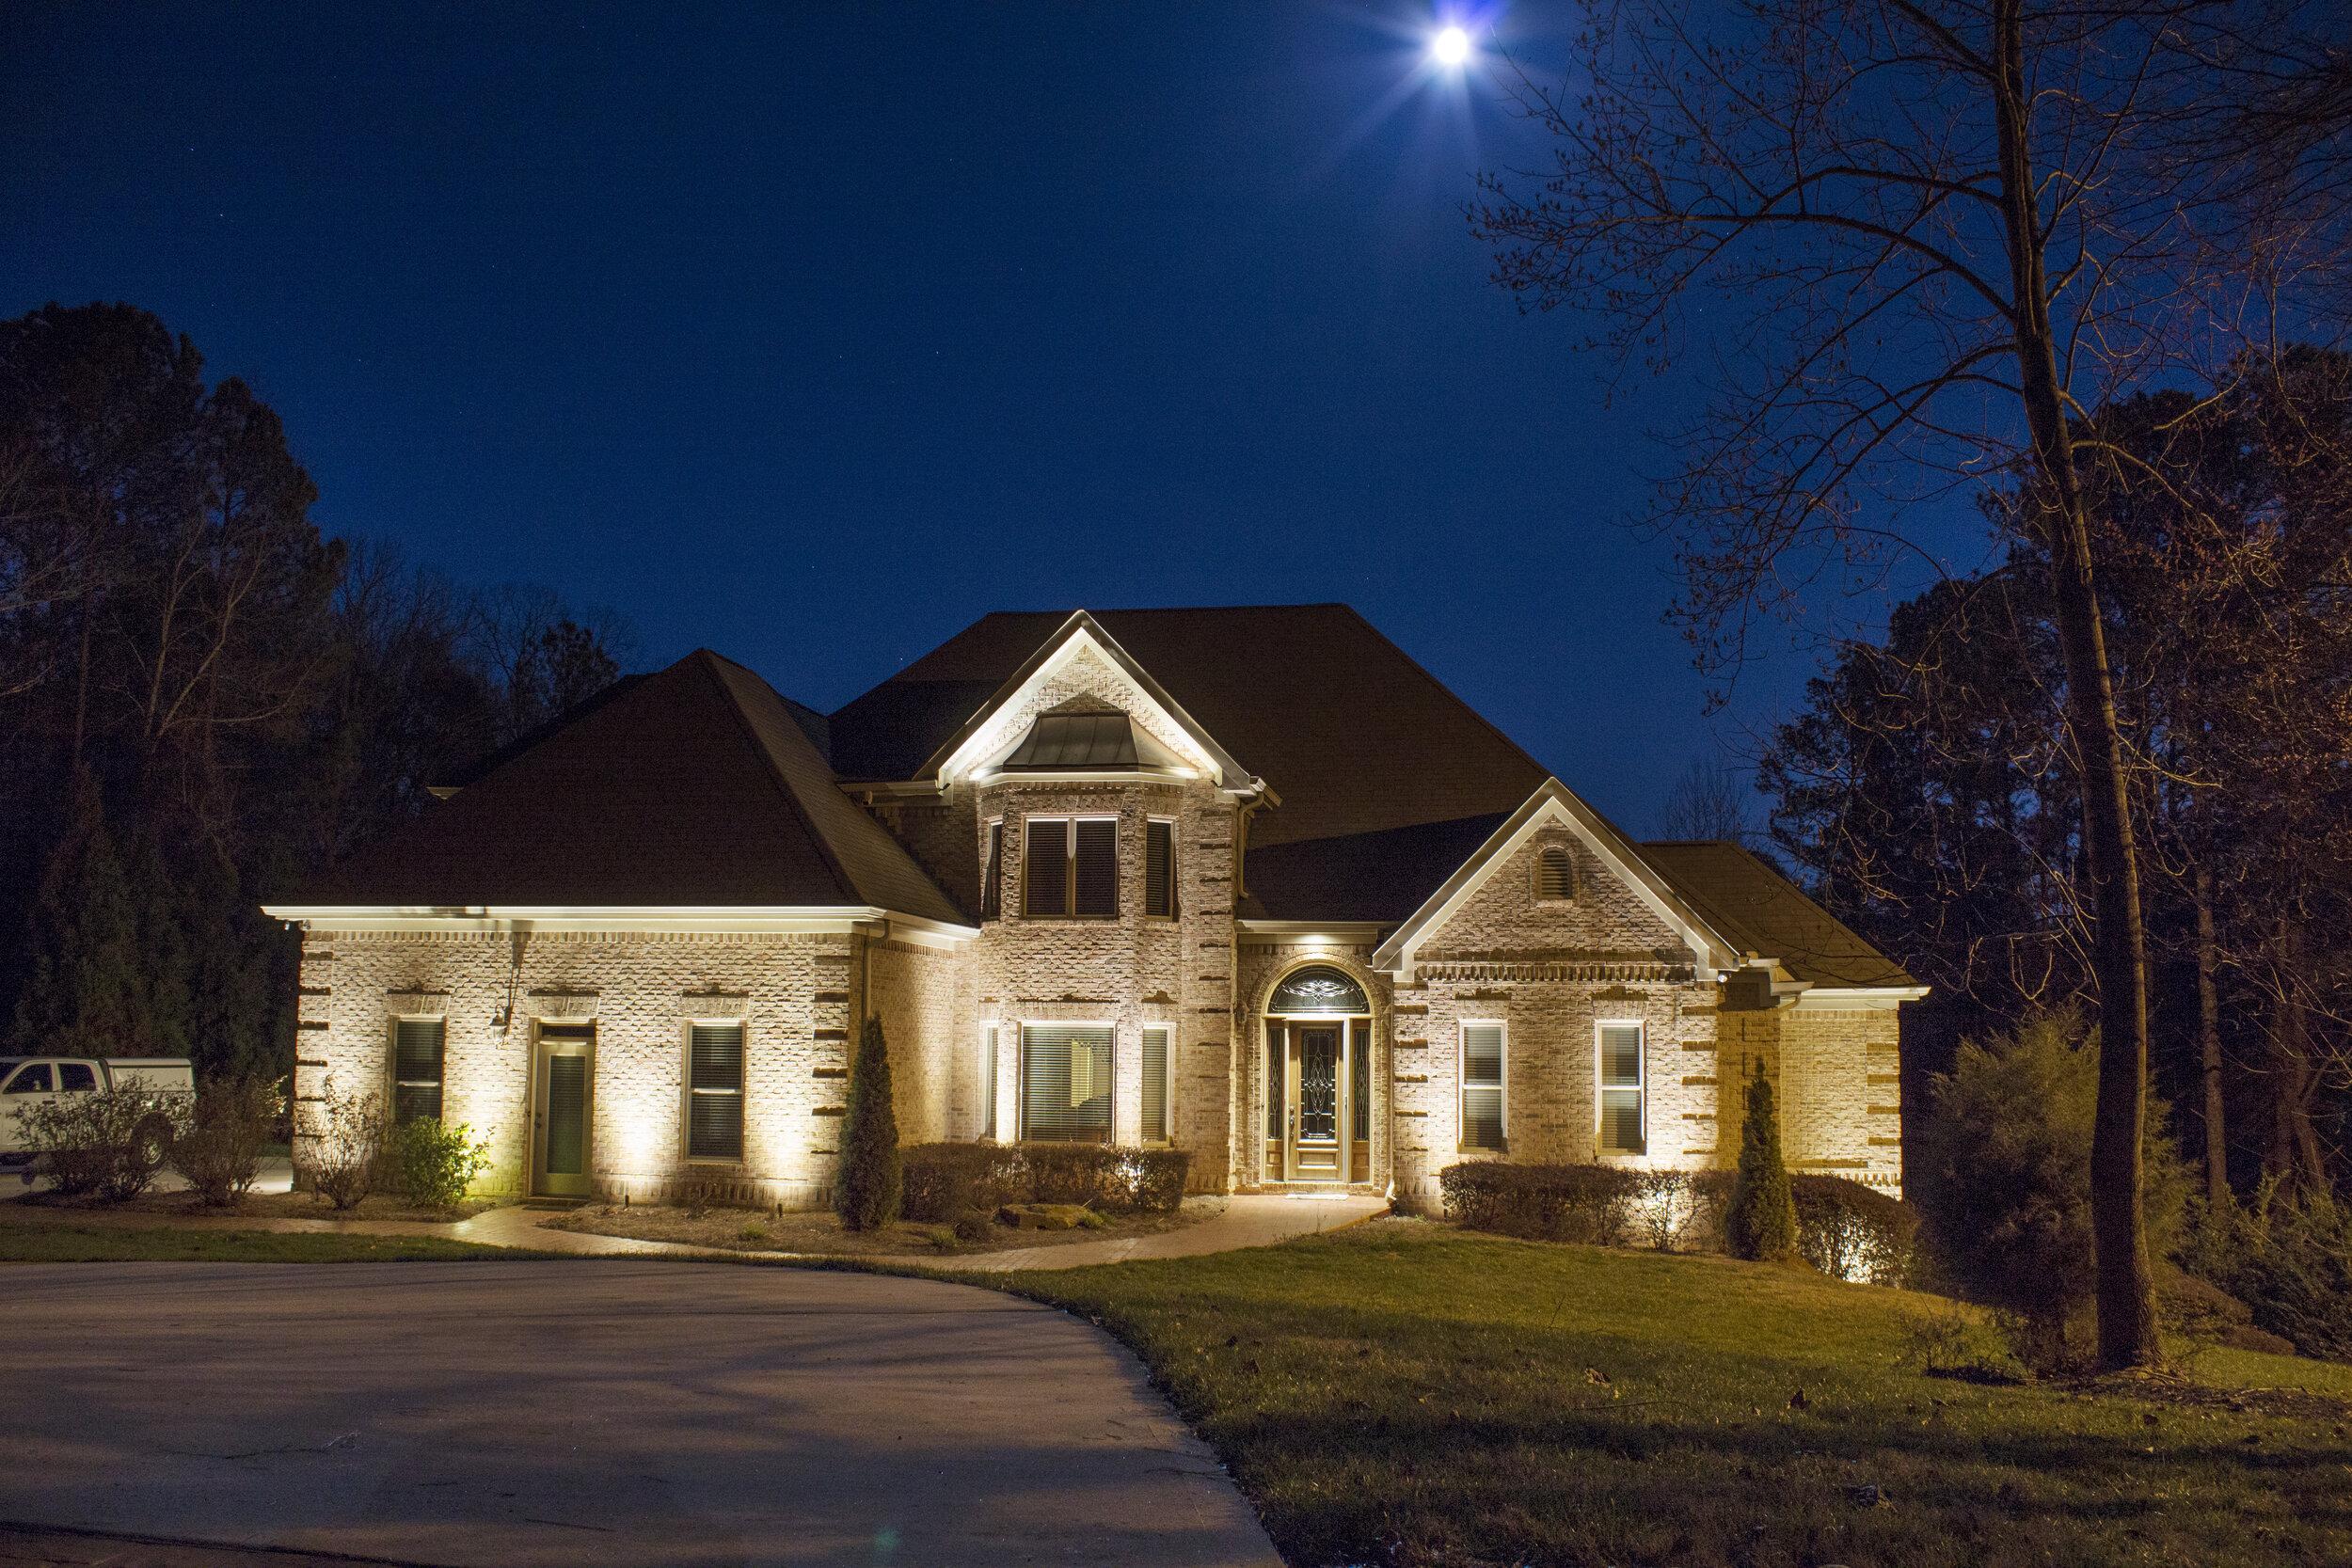 garcia s outdoor lighting